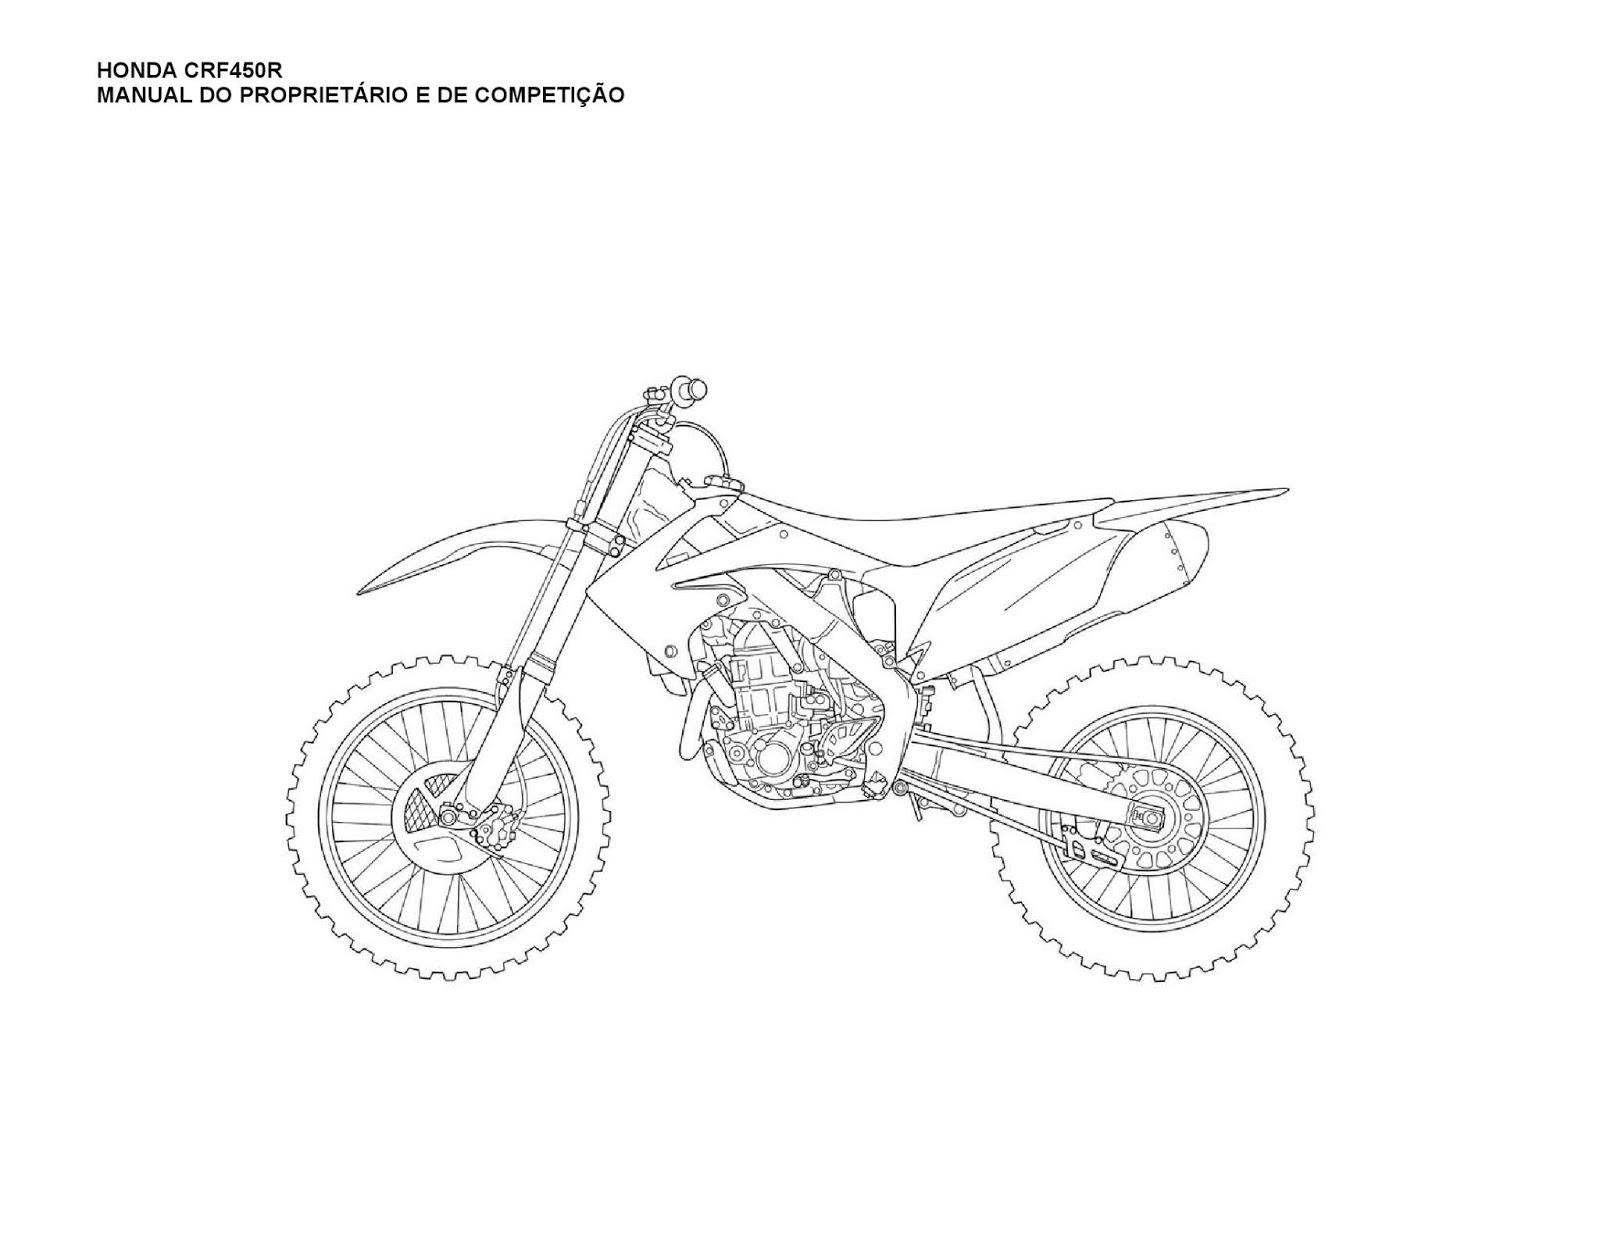 MANUAL DA SUA MOTO: MANUAL DO PROPRIETÁRIO HONDA CRF 450R 2011